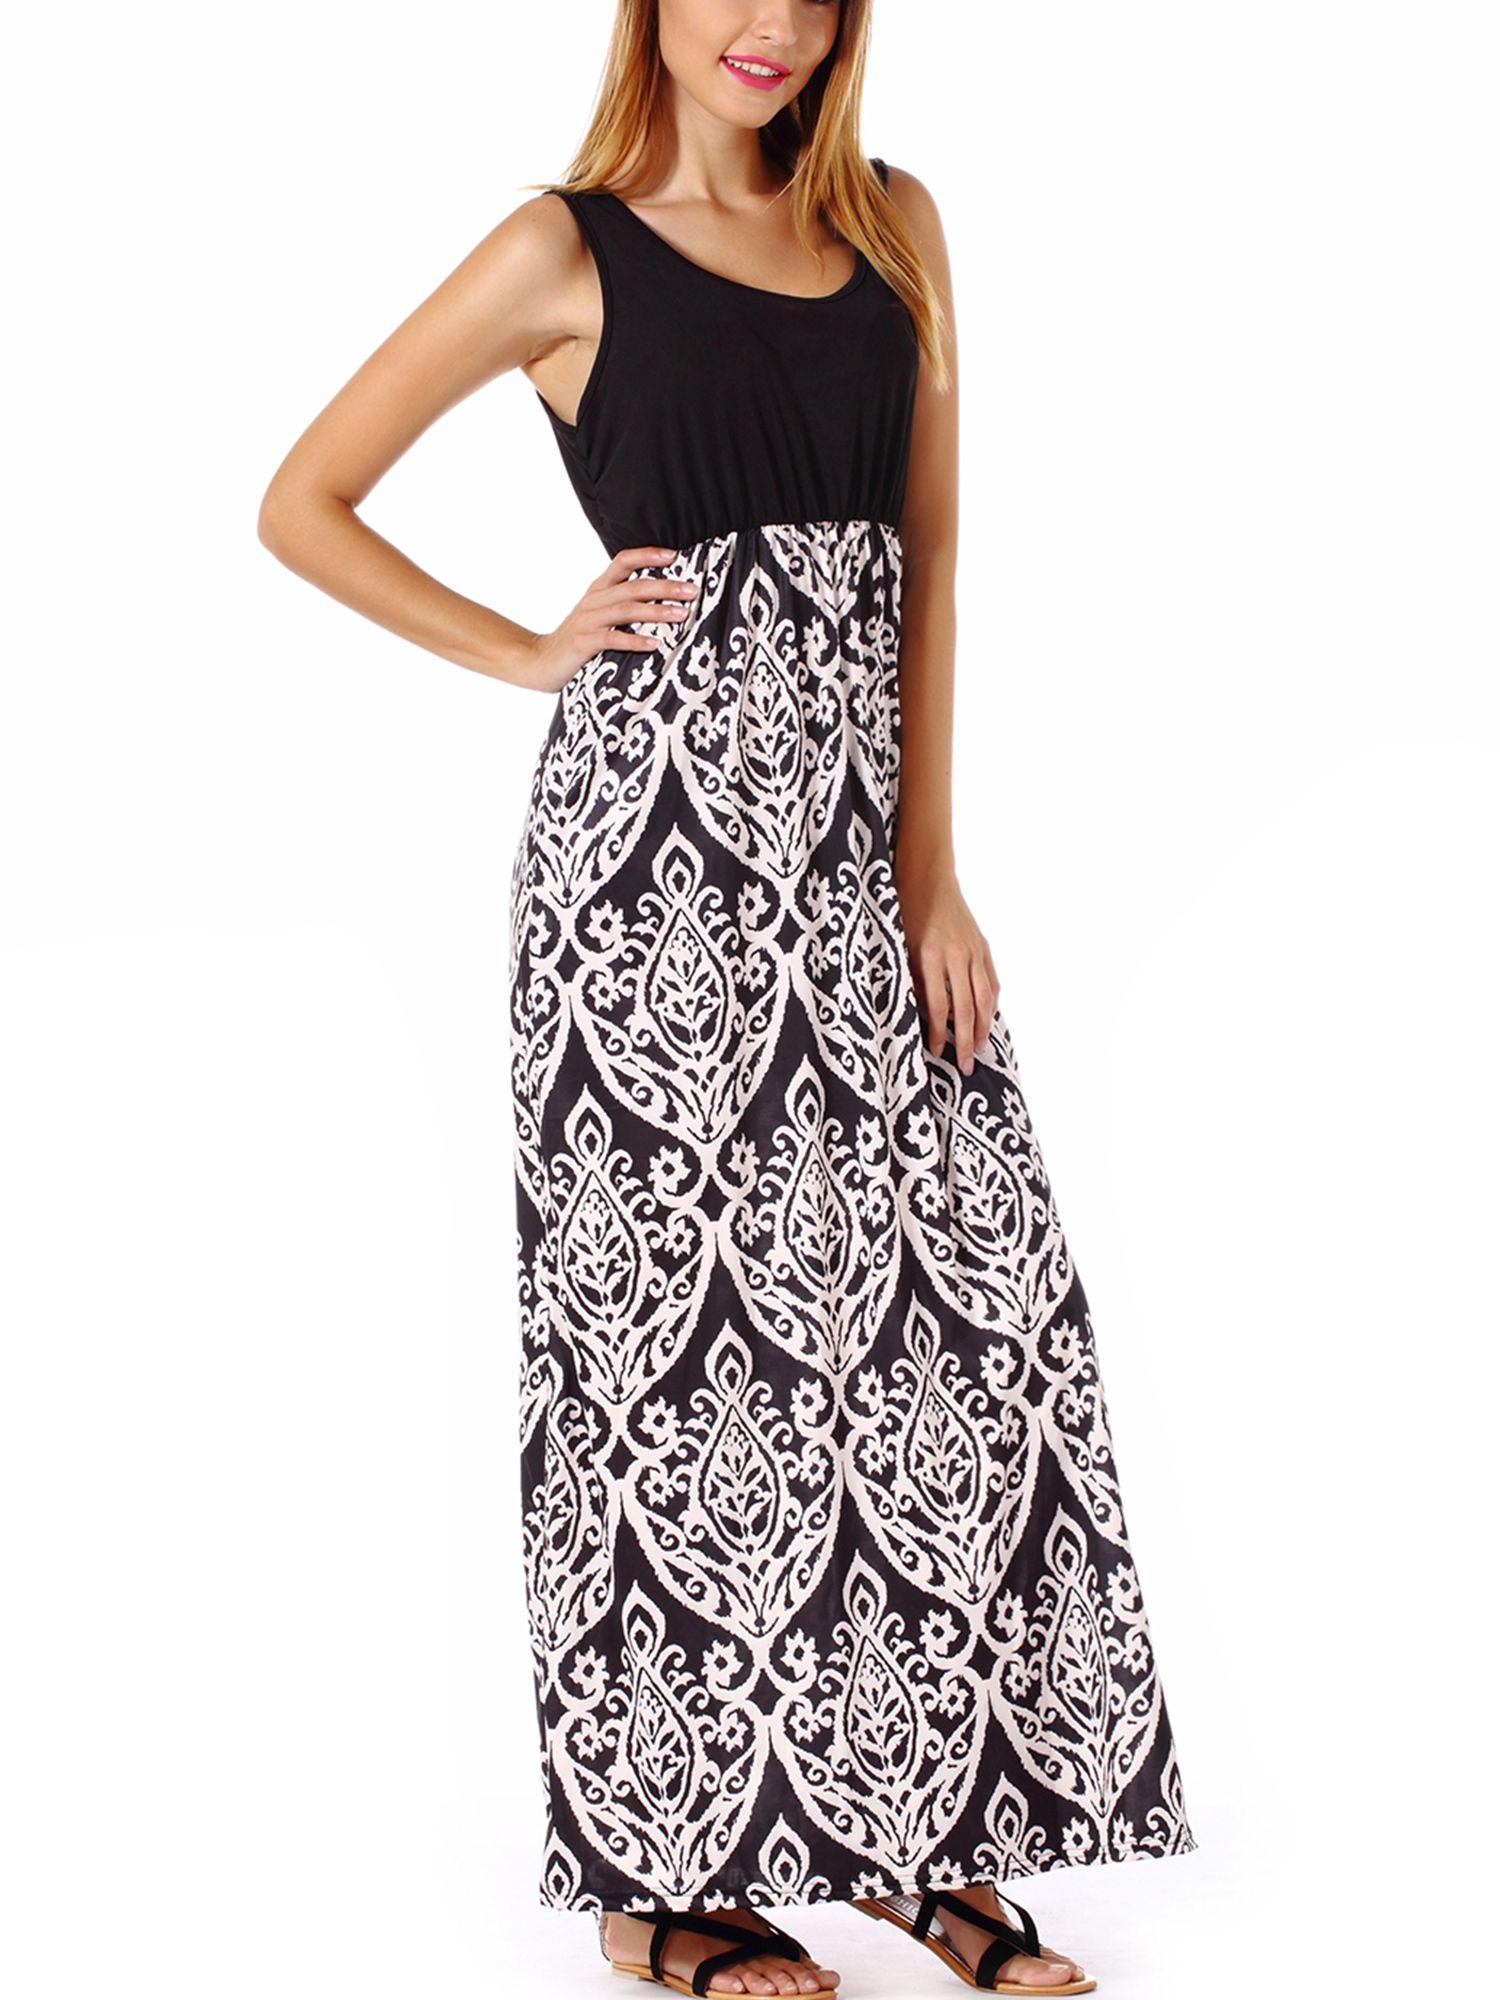 Sayfut Vintage Print Long Maxi Dress Women Summer Sundress Fit And Flare Sleeveless Bohemian Boho Beach Dress Walmart Com Summer Dresses For Women Womens Maxi Dresses Long Summer Dresses Maxi [ 2000 x 1500 Pixel ]